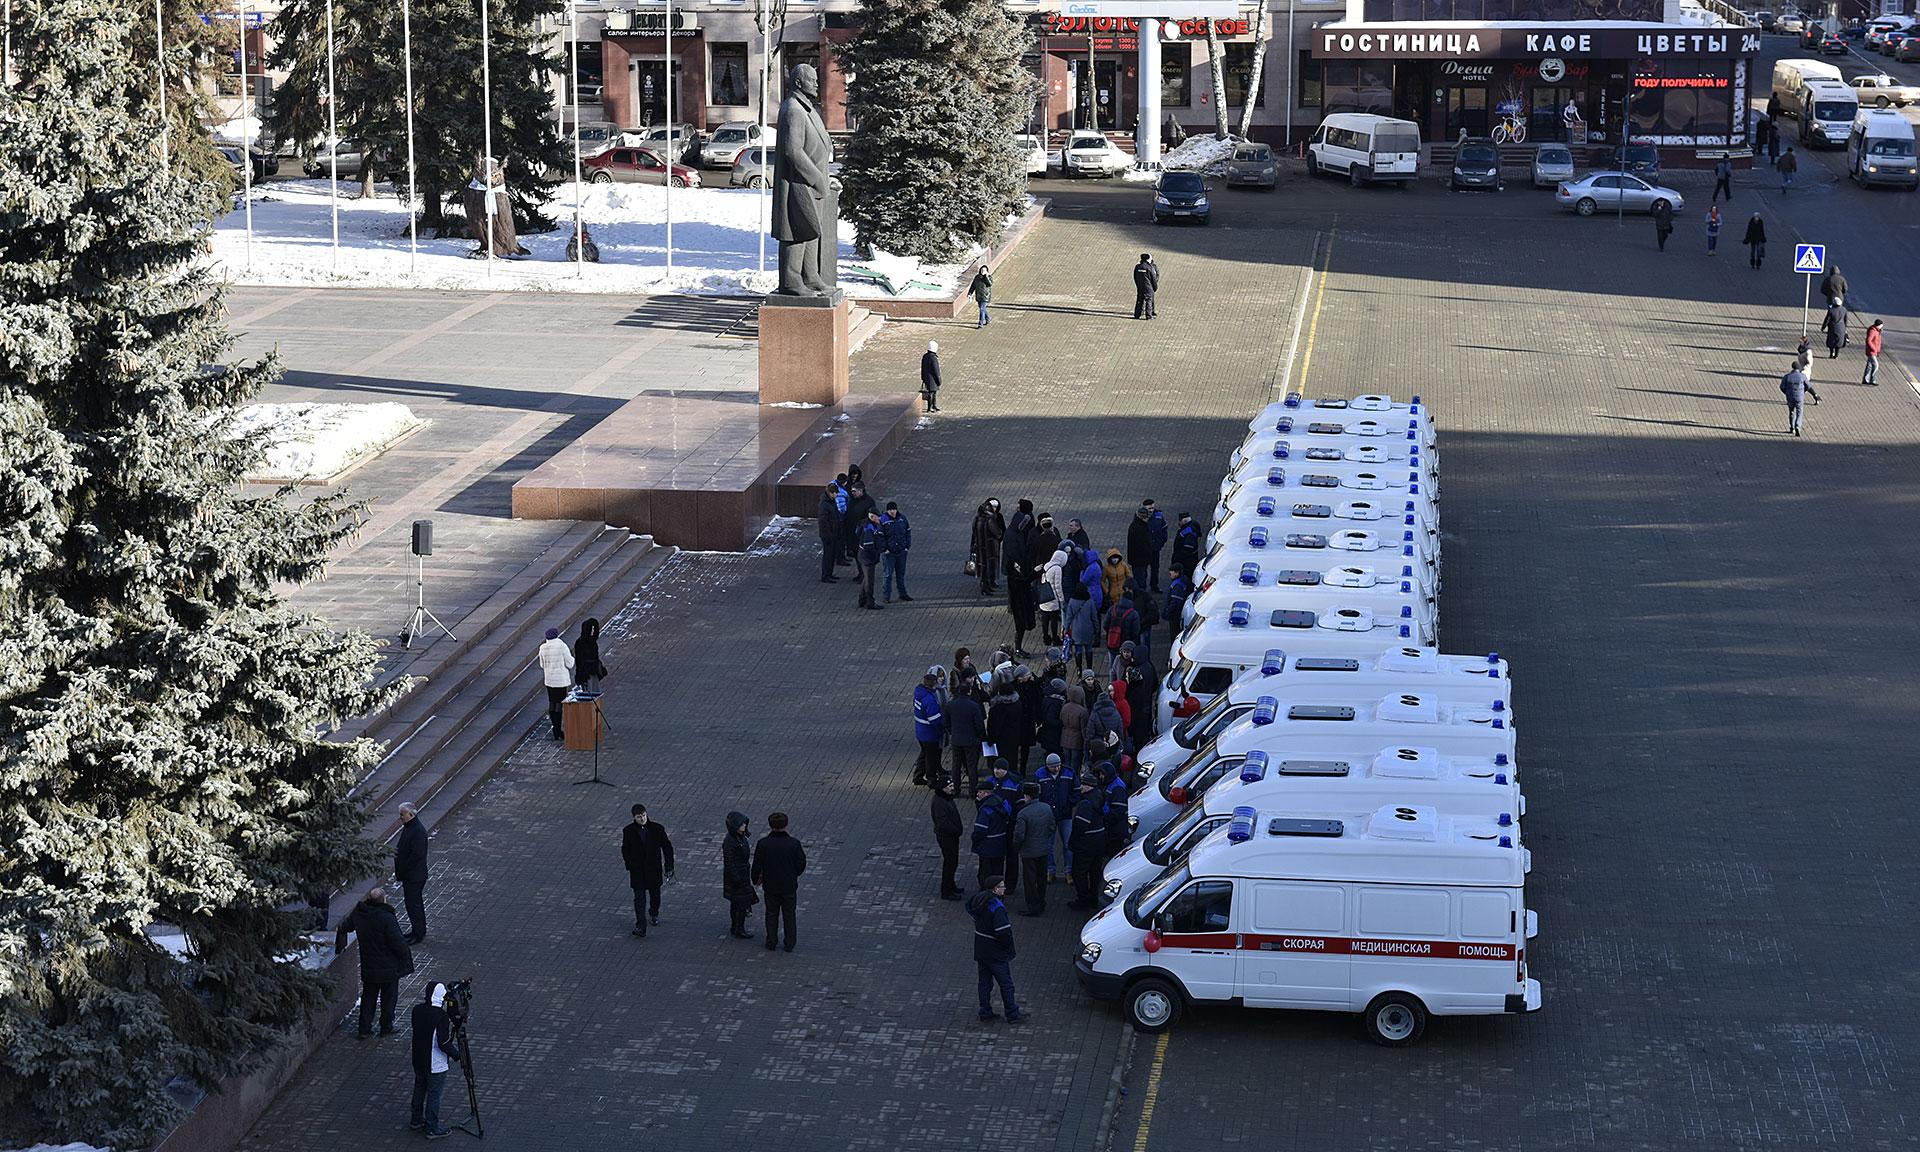 Областная клиническая больница святой софии саратов